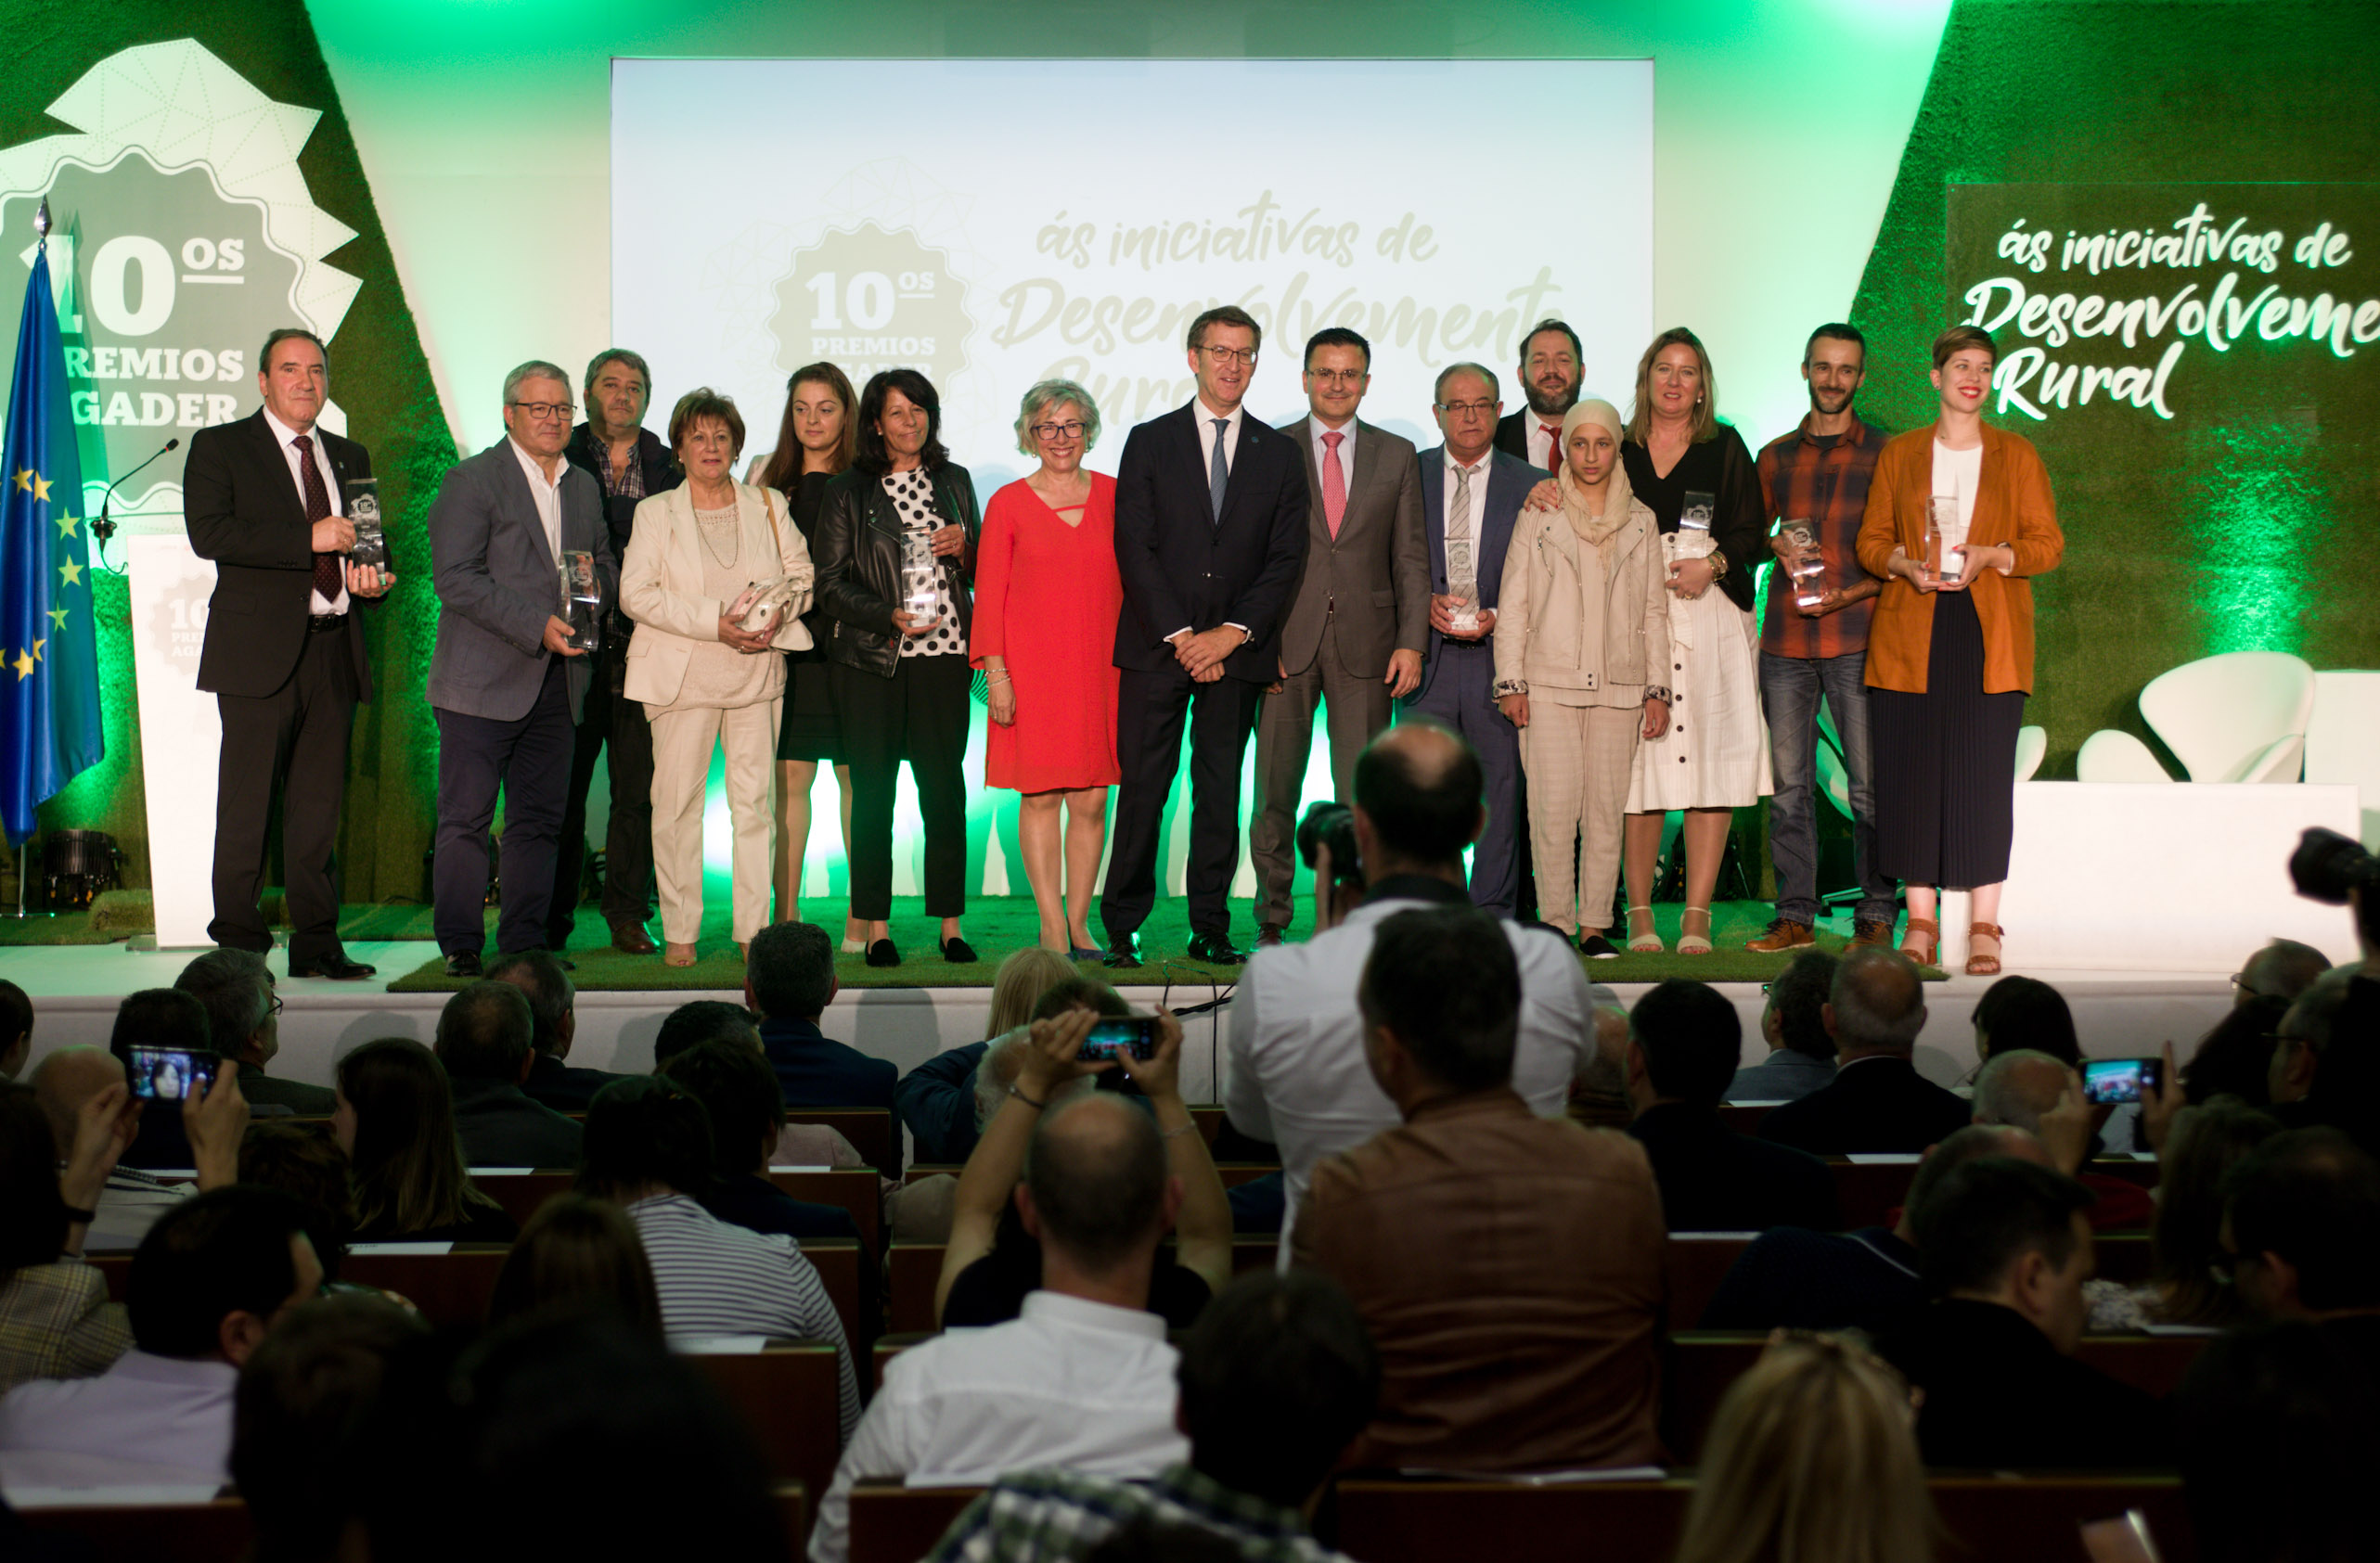 O titular do Goberno galego e o conselleiro do Medio Rural cos premiados, na décima edición dos Premios Agader